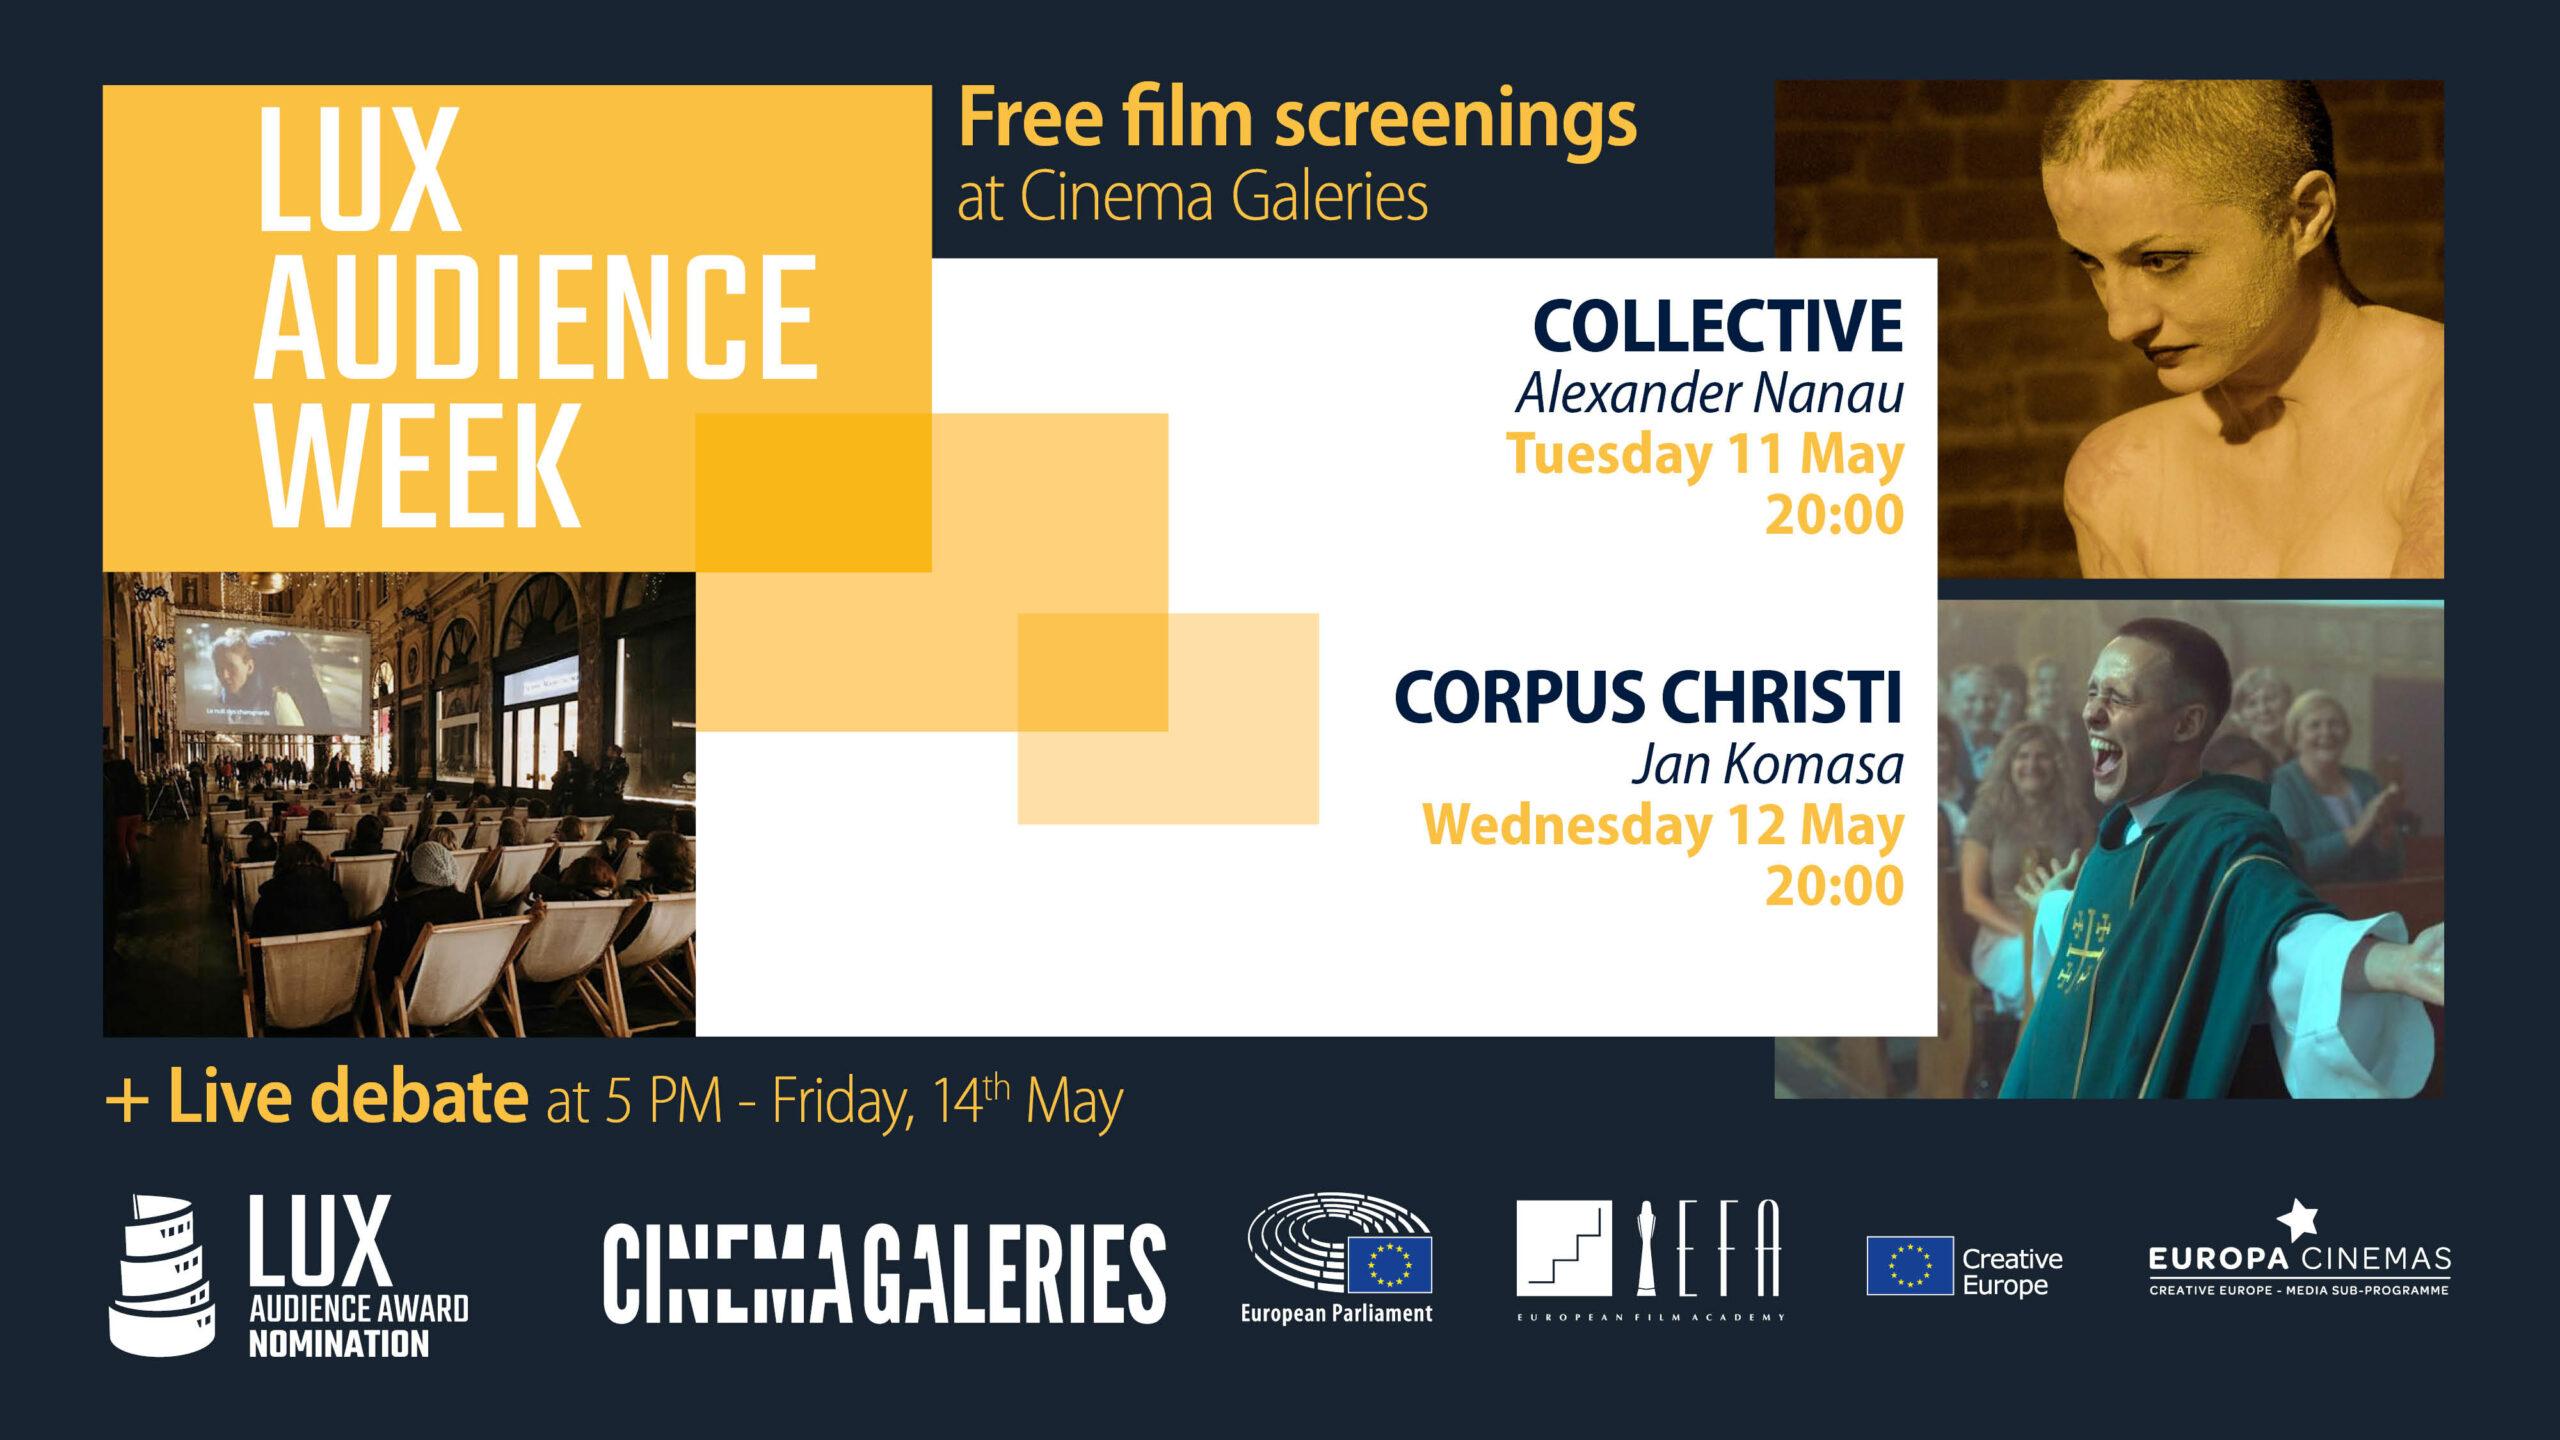 Lux Audience Week - Cinema Galeries